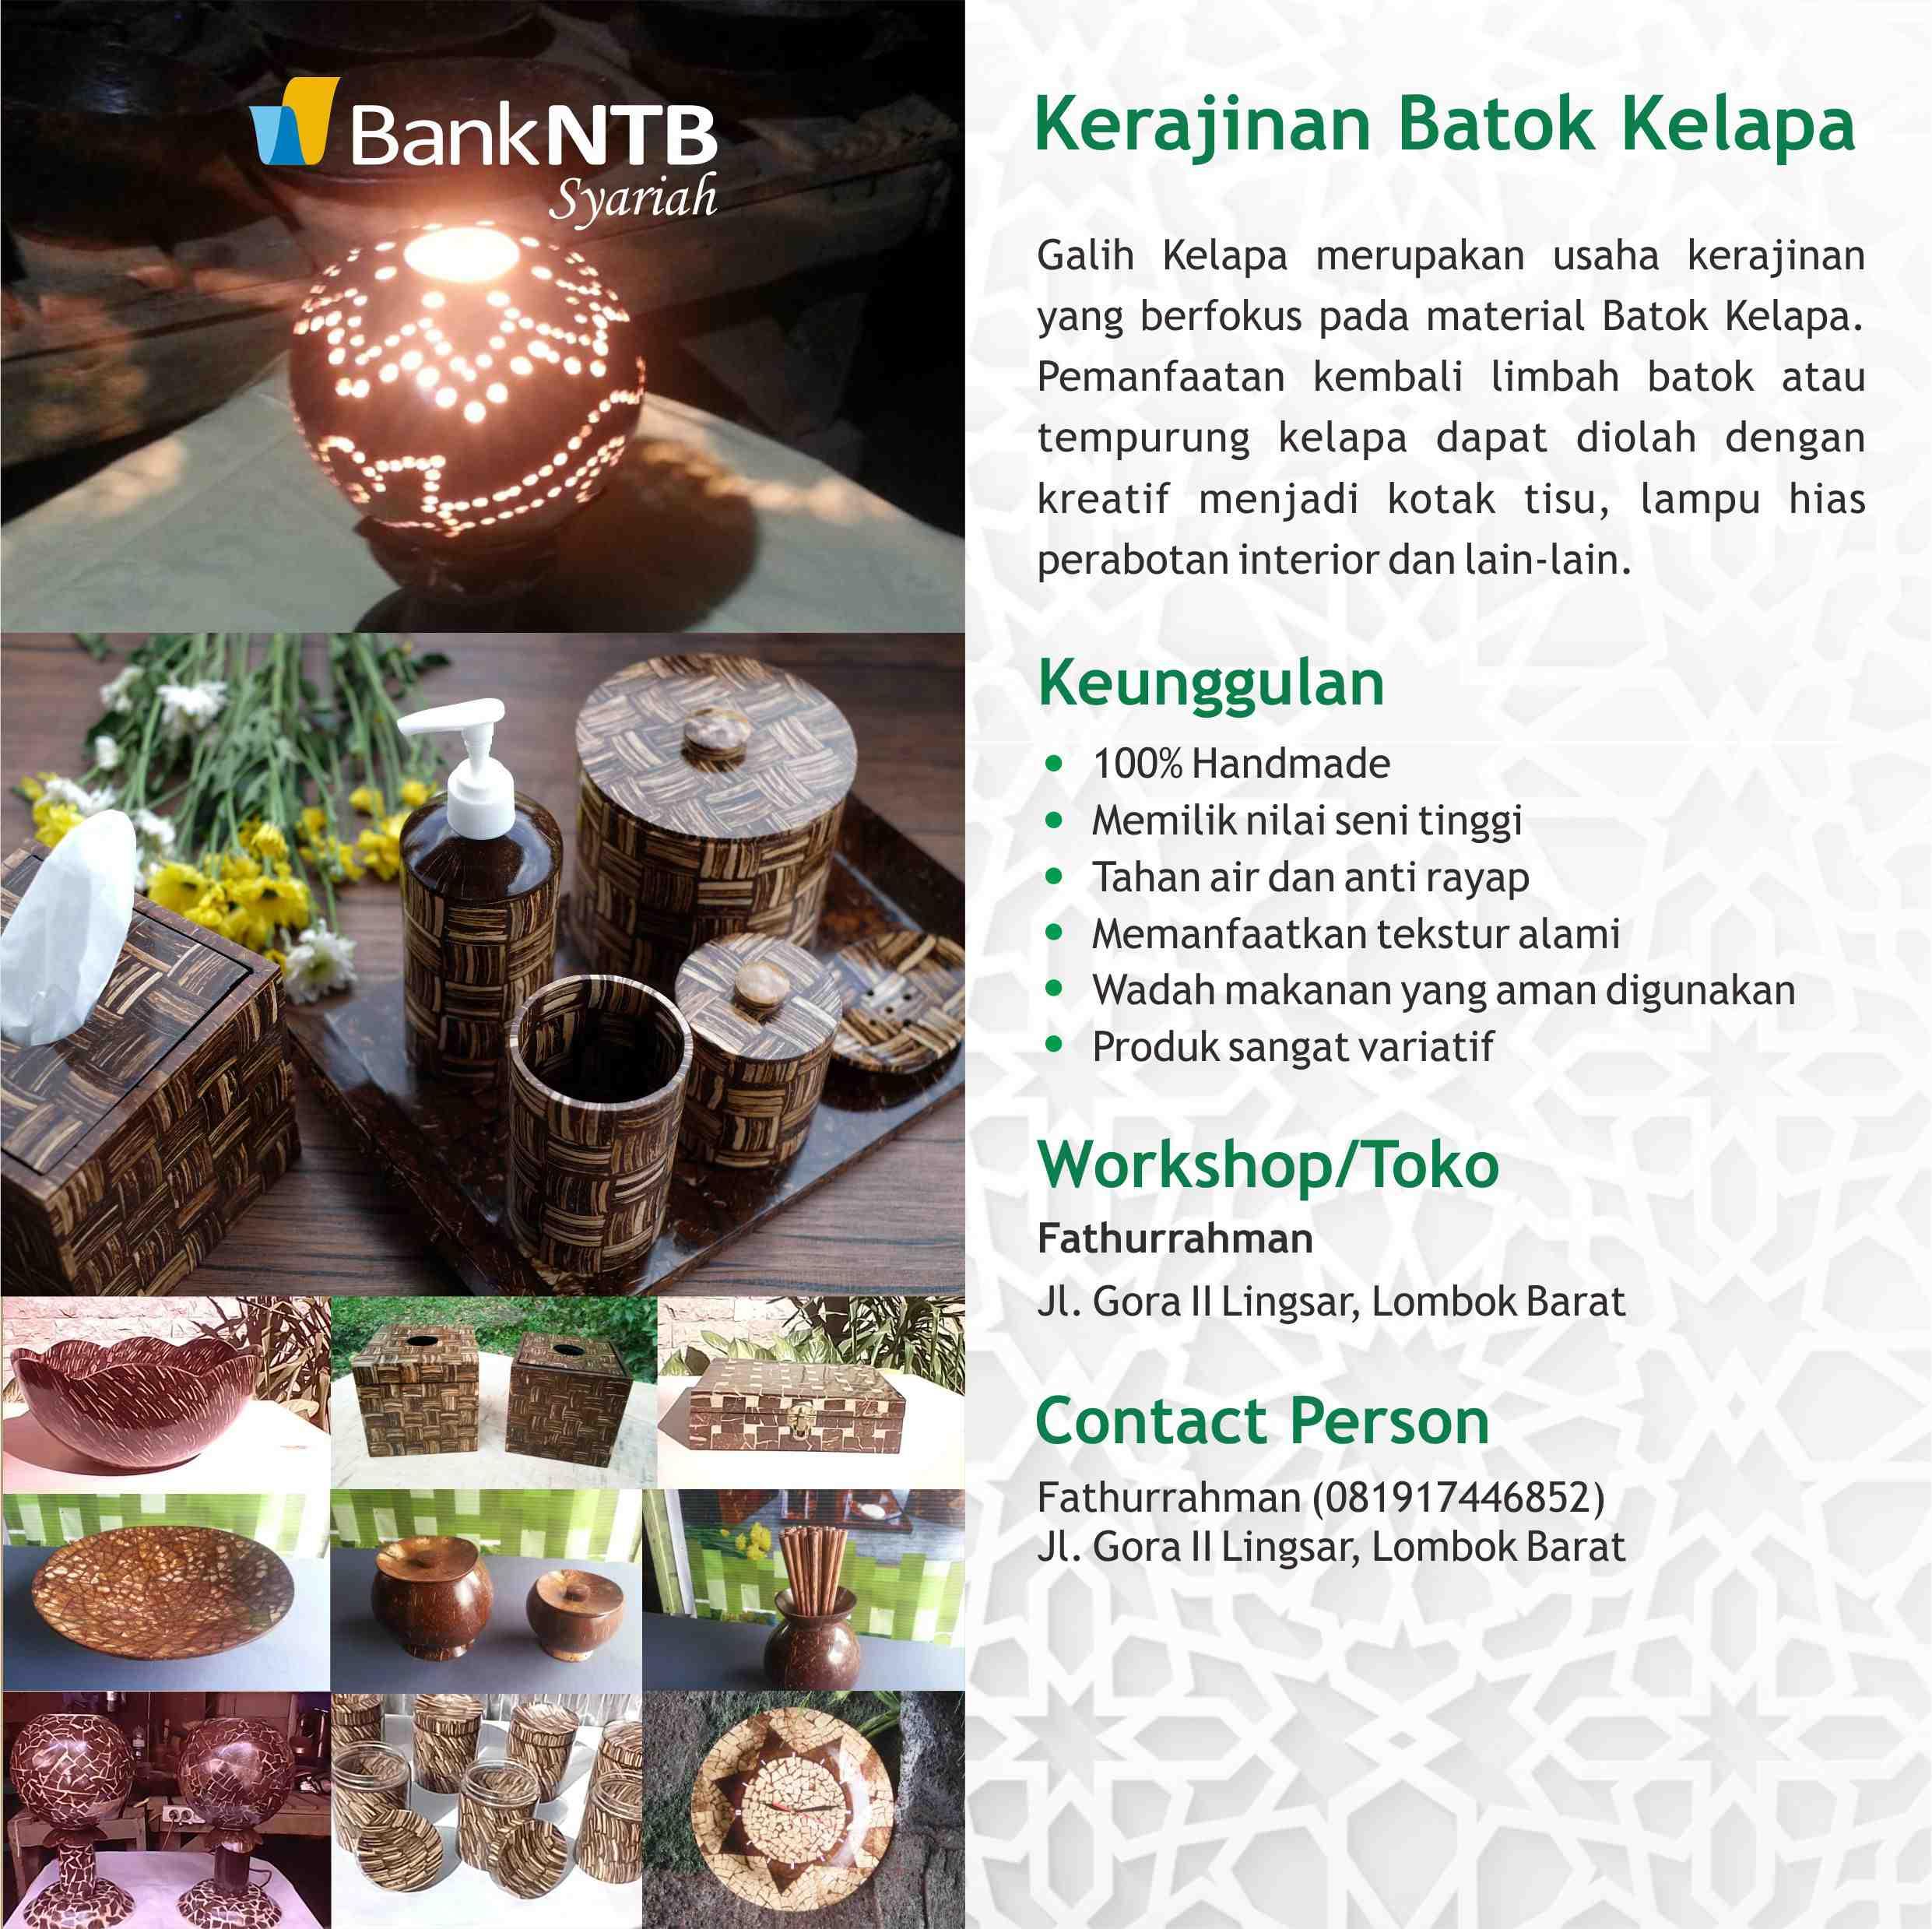 Kerajinan_Batok_Kelapa